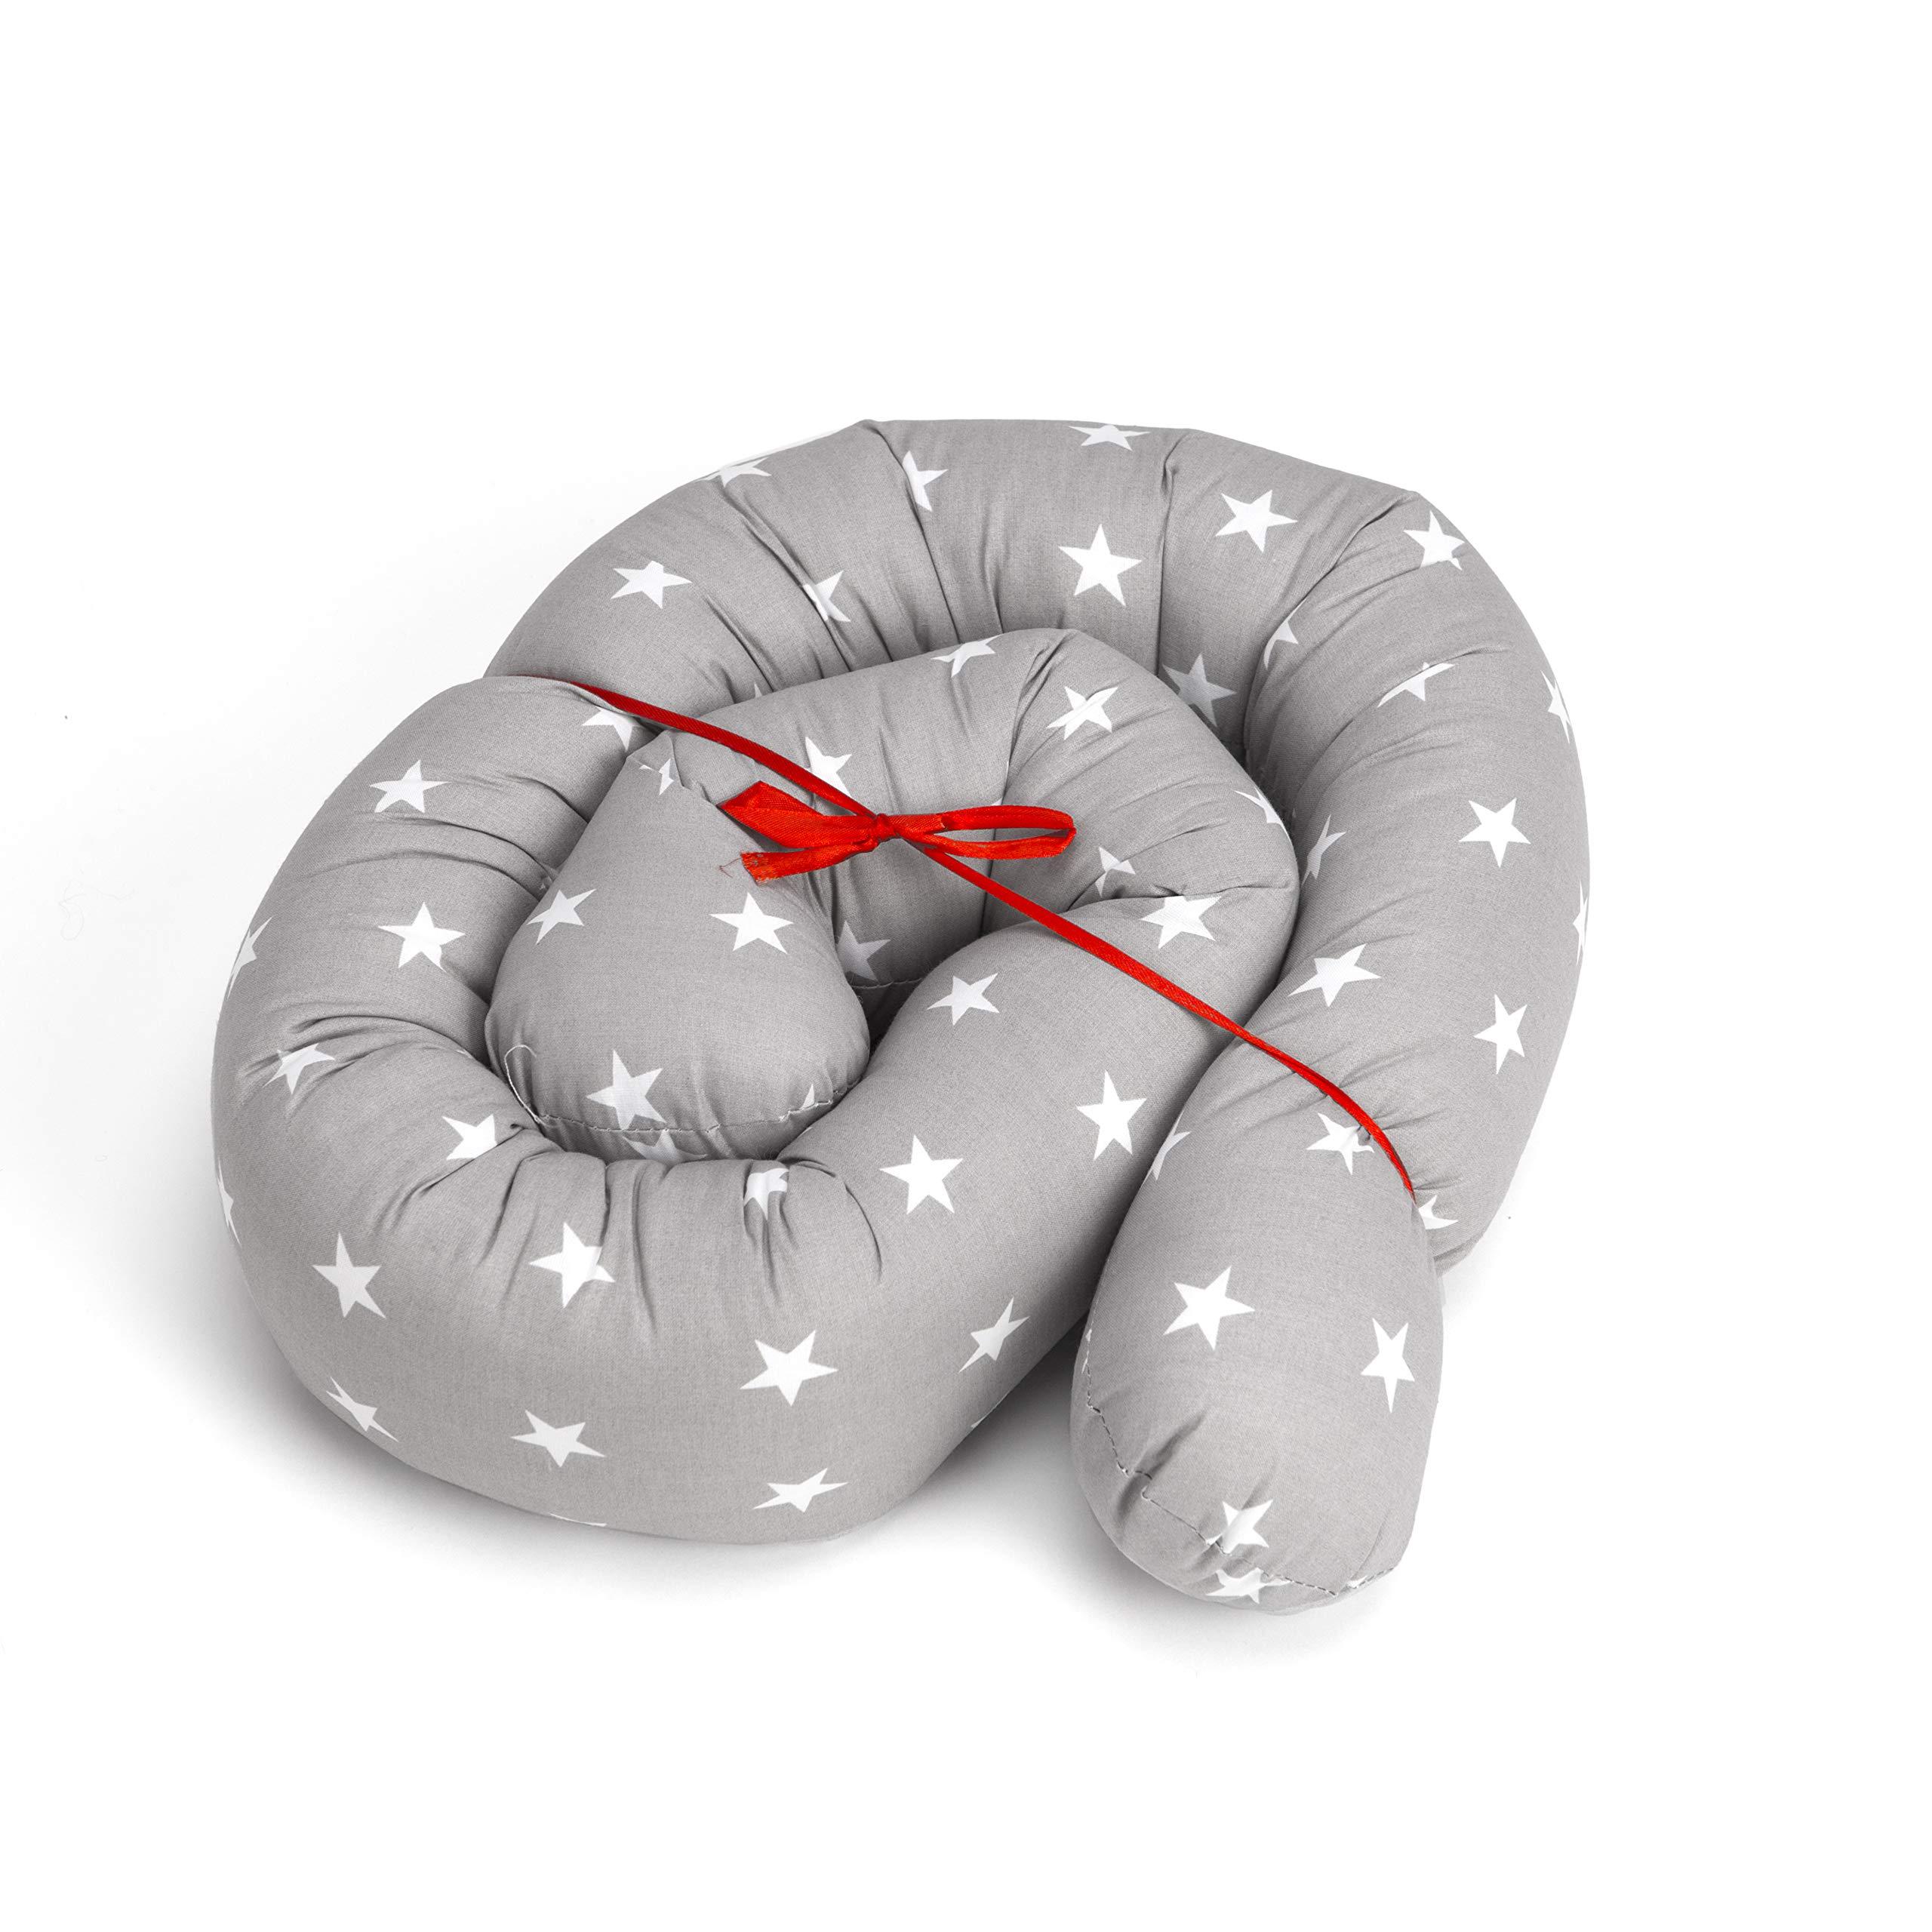 Serpiente para cuna, tamaño y colores a elegir, para cuna de bebé blanco Grau